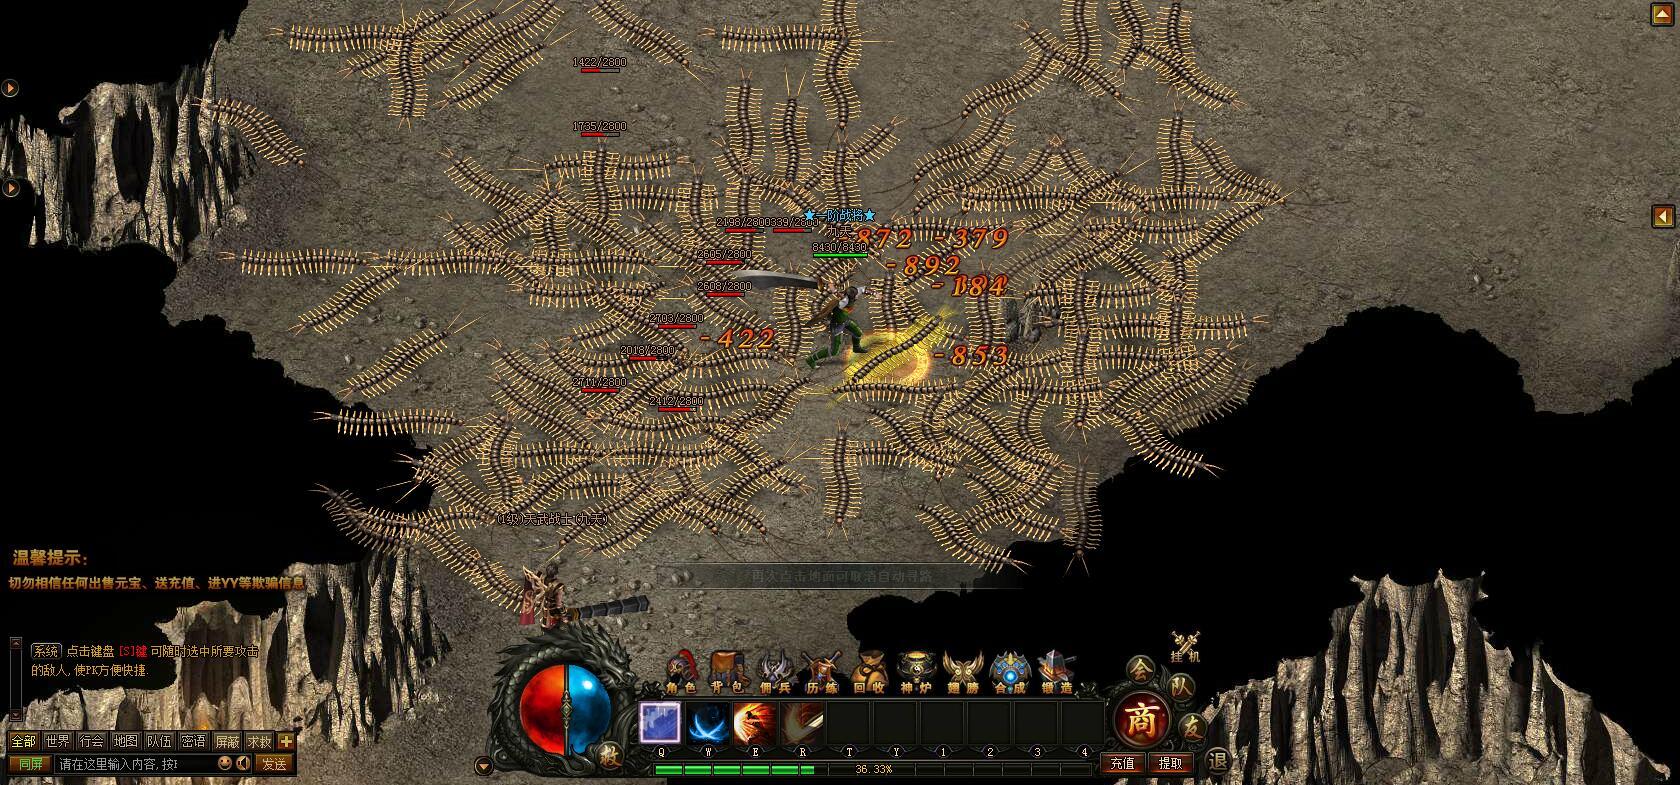 《传奇天下》游戏截图